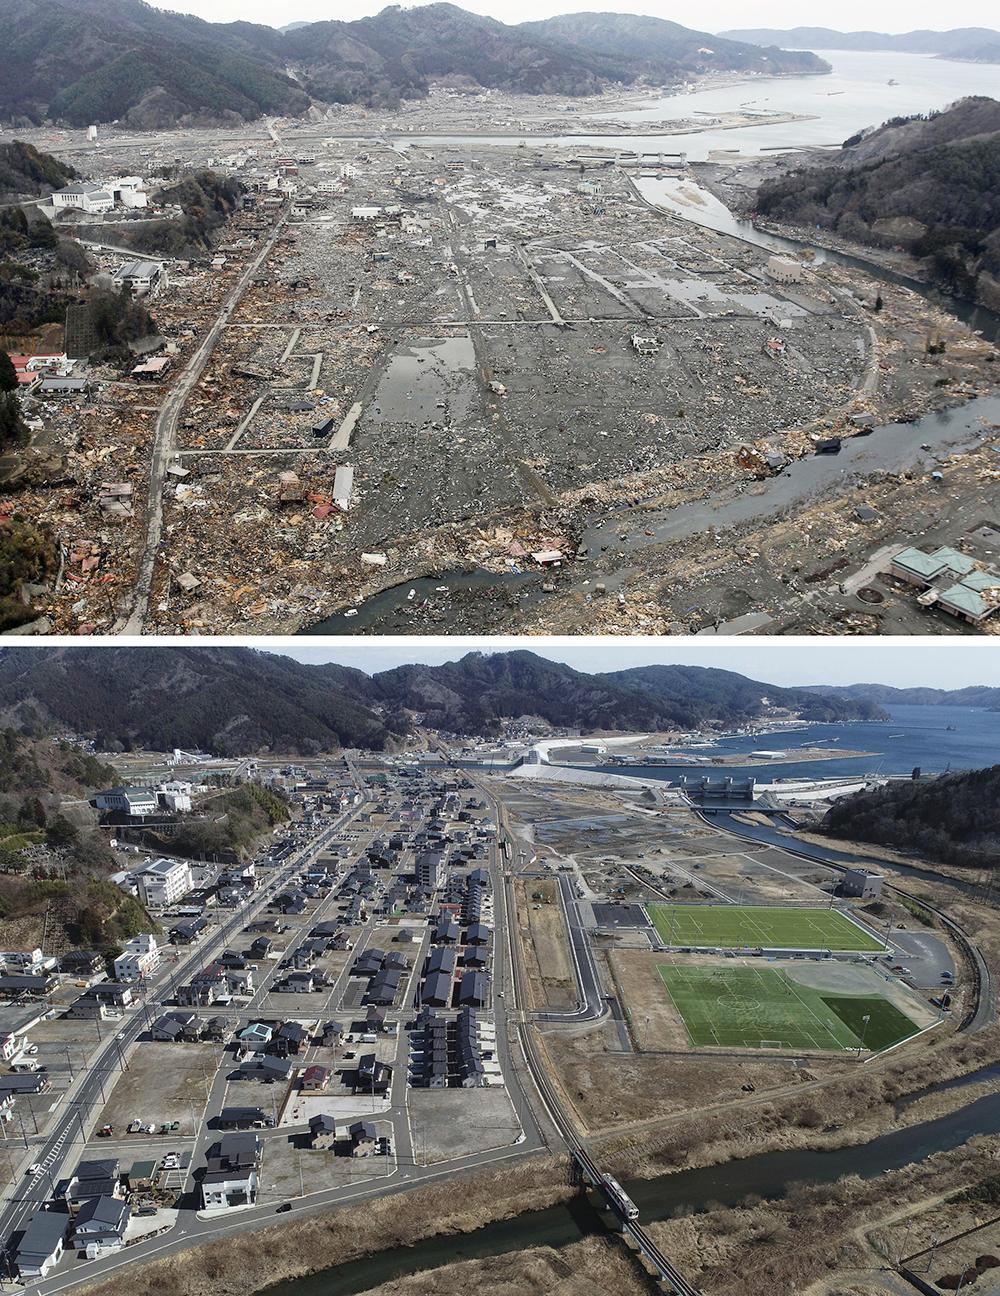 当地时间2011年3月23日(上图)和2021年2月25日(下图)。日本岩手县大槌,海啸受灾地区对比图。